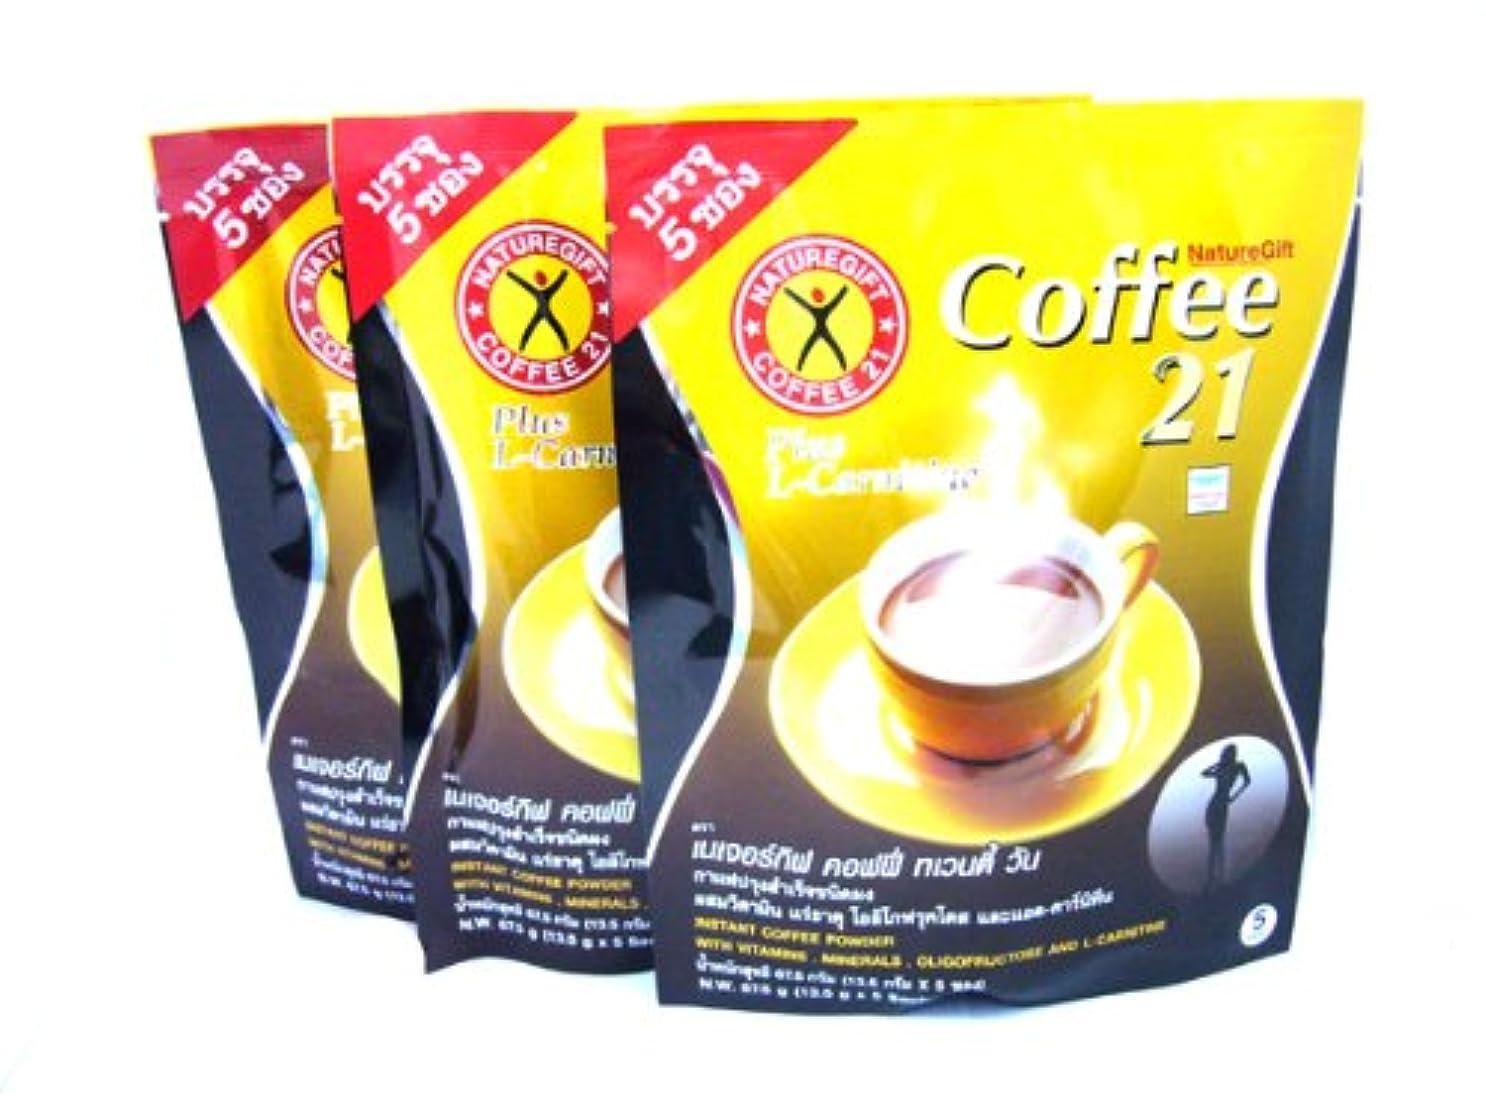 緑欠乏華氏3x Naturegift Instant Coffee Mix 21 Plus L-carnitine Slimming Weight Loss Diet Made in Thailand by alanroger